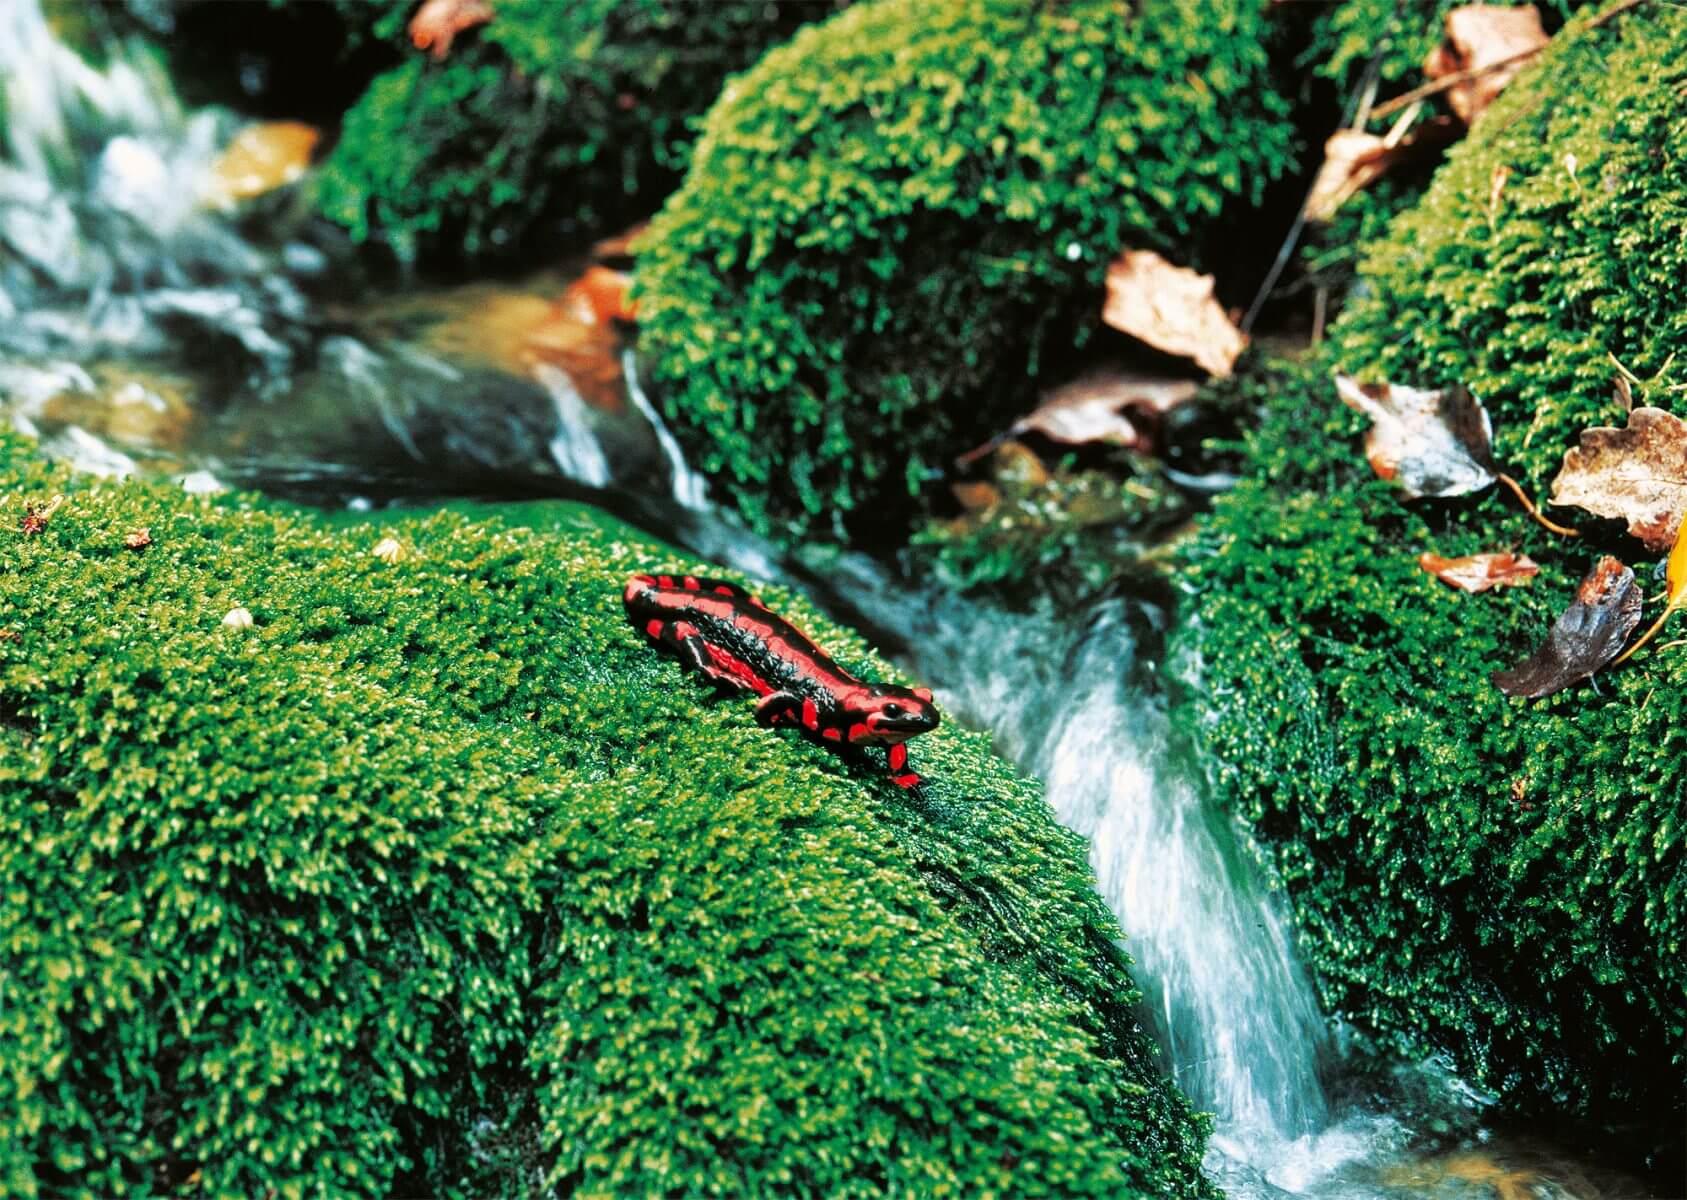 [Jeu] Association d'images - Page 18 Quand-les-couleurs-semblent-ireelles-salamandre-1687x1200